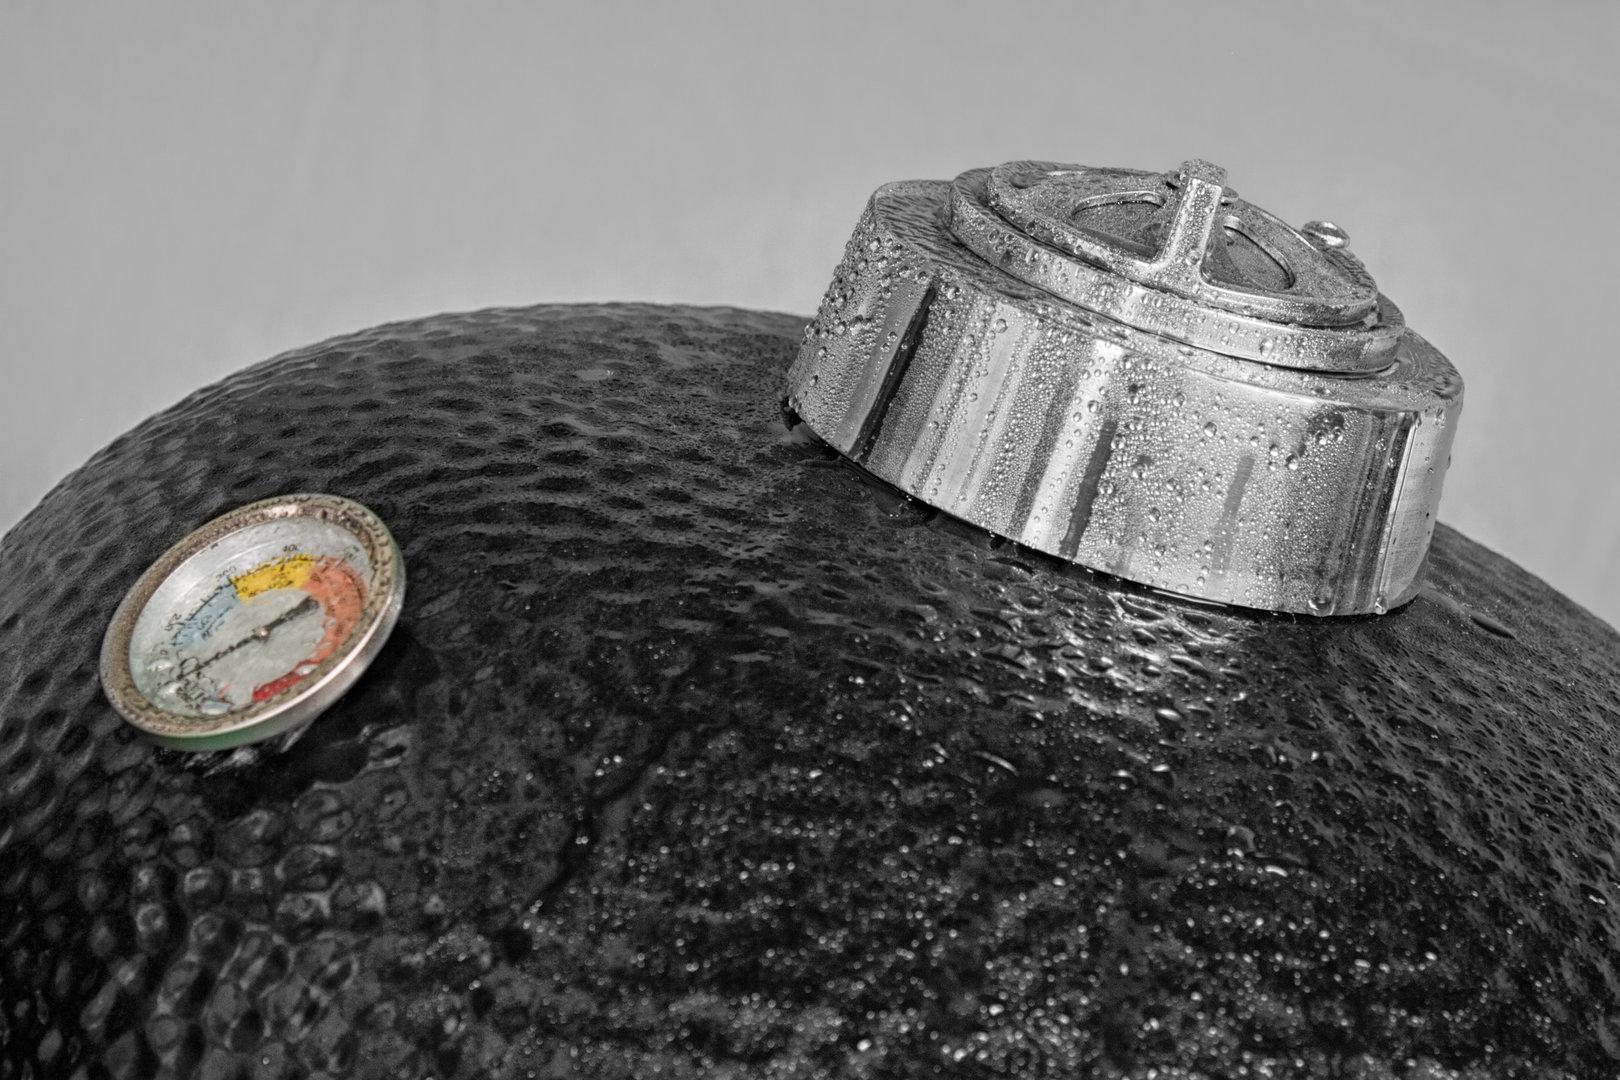 keramikgrill saffire 23 silber edition schwarz inkl nest grillarena. Black Bedroom Furniture Sets. Home Design Ideas